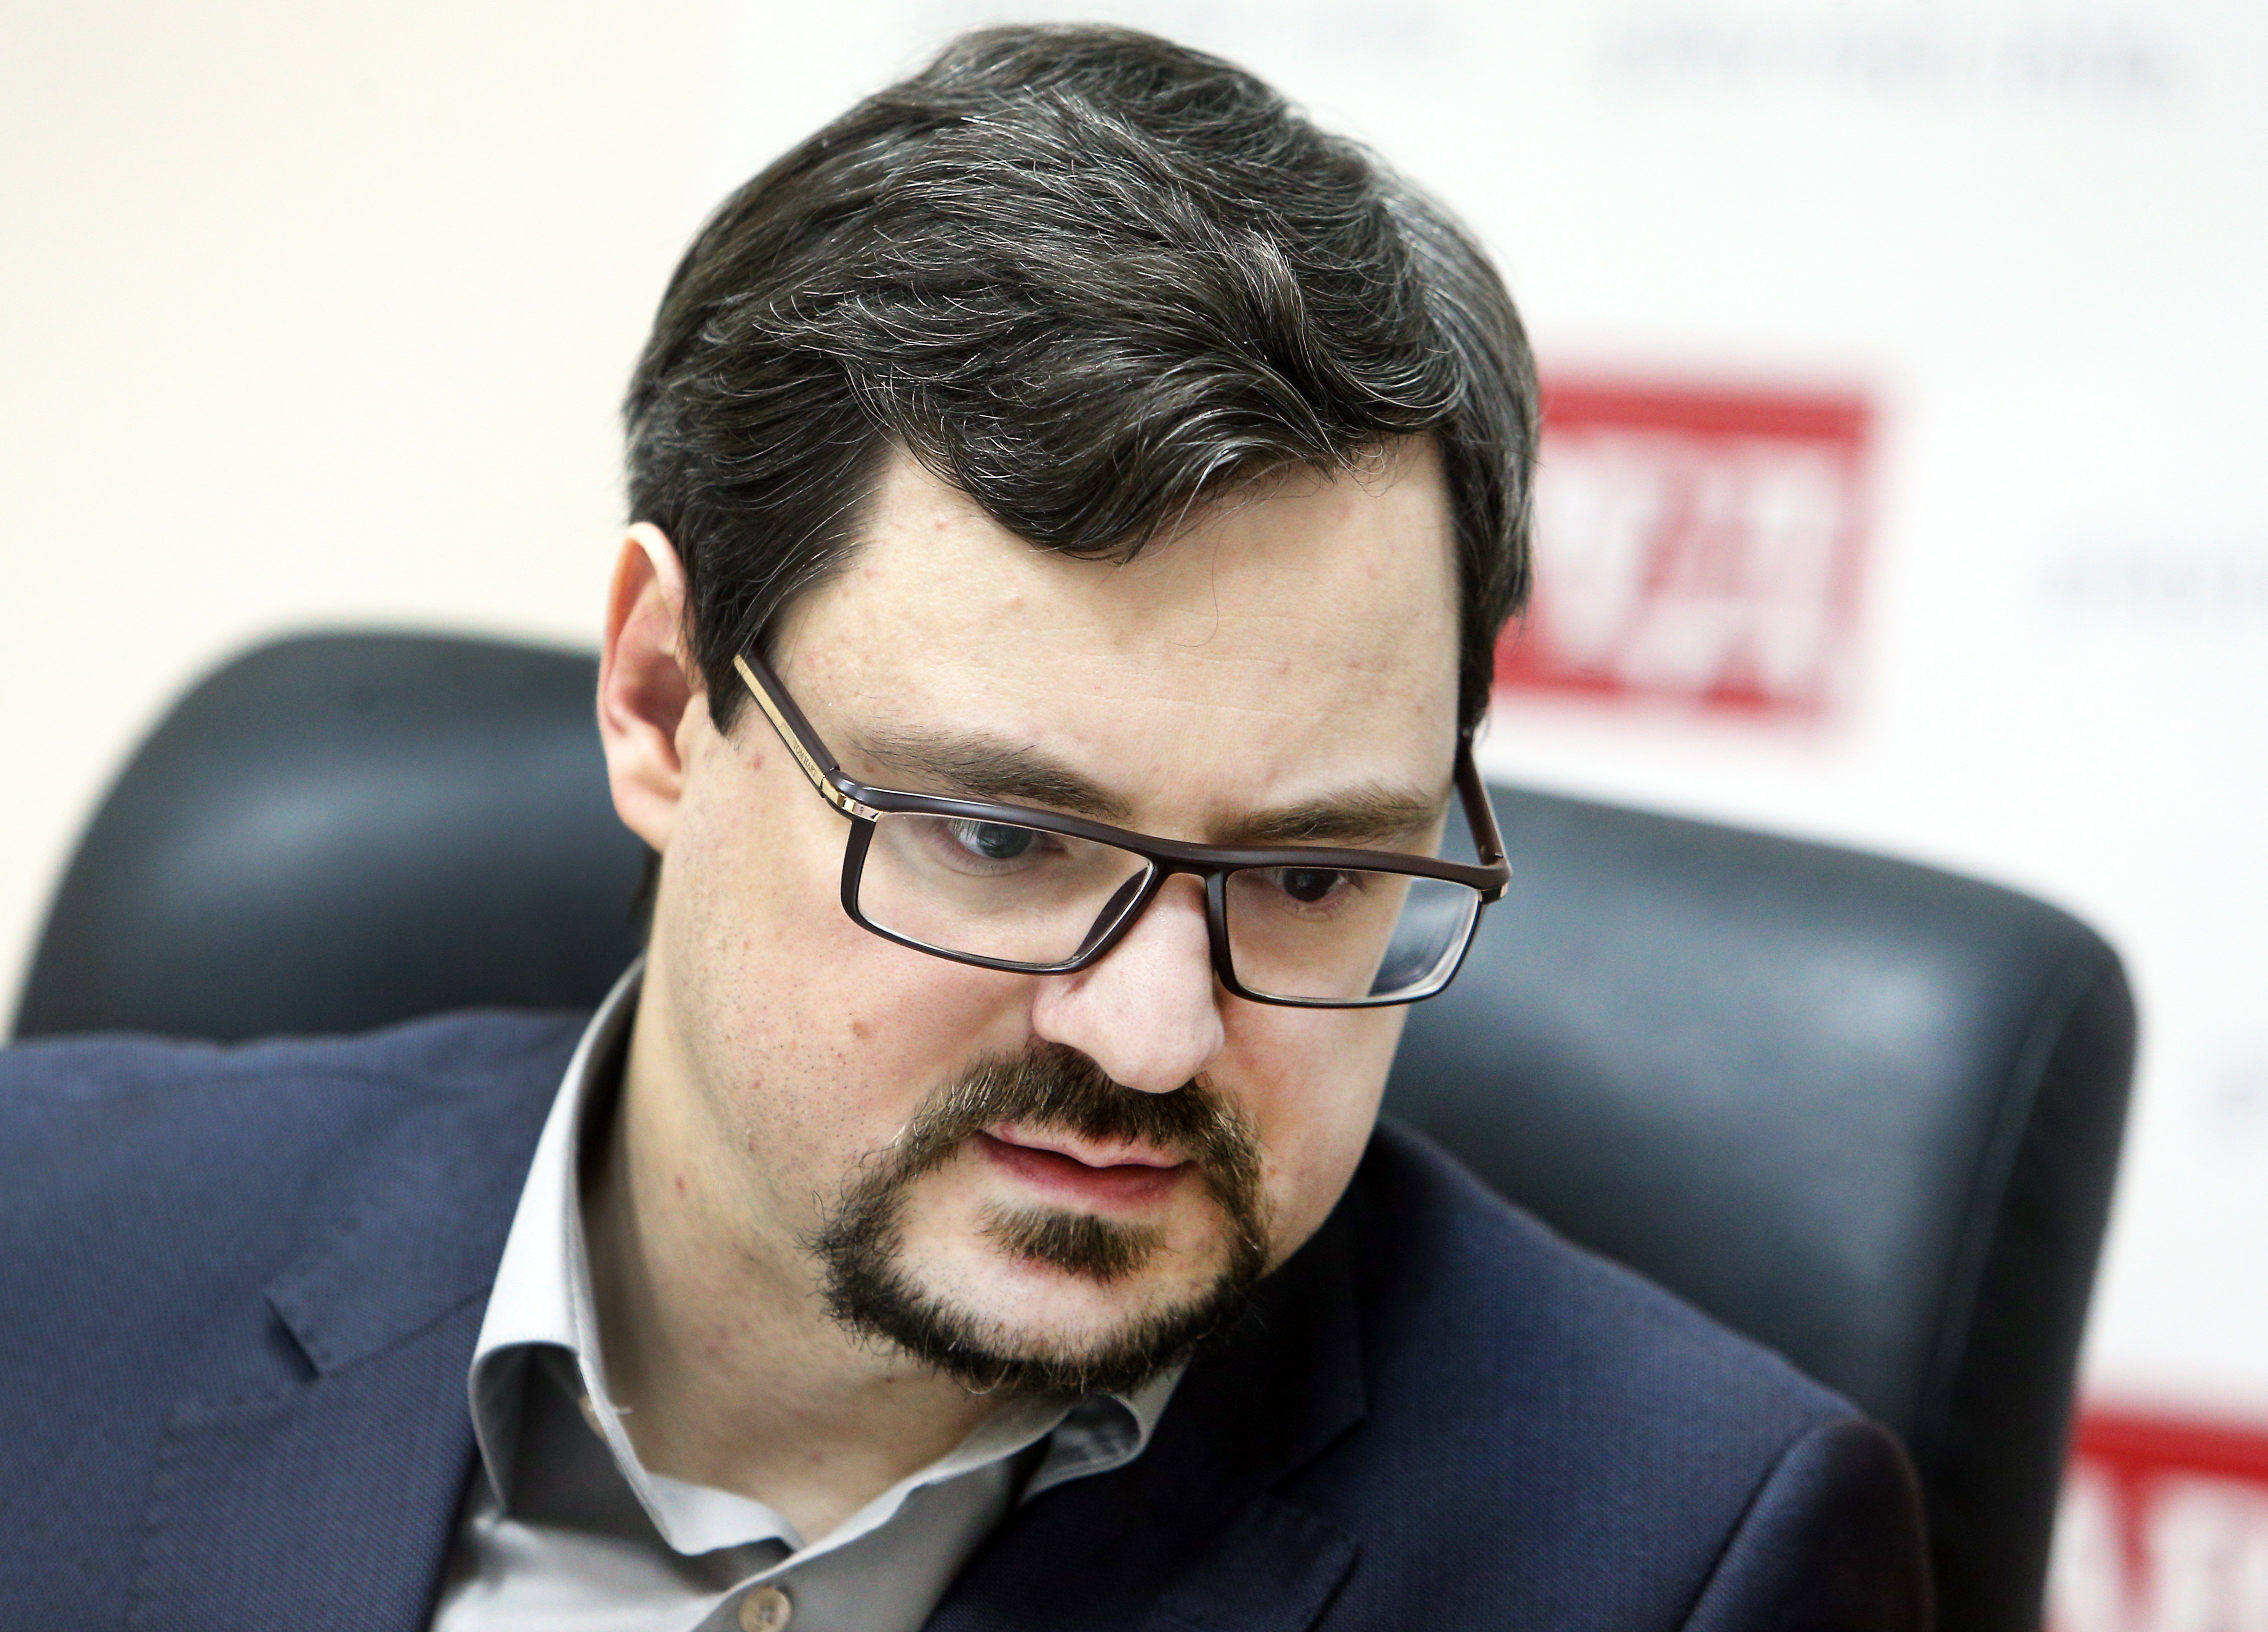 В КНДР происходят примерно такие же процессы трансформации, как и в Украине, подчеркнул Игорь Никишин